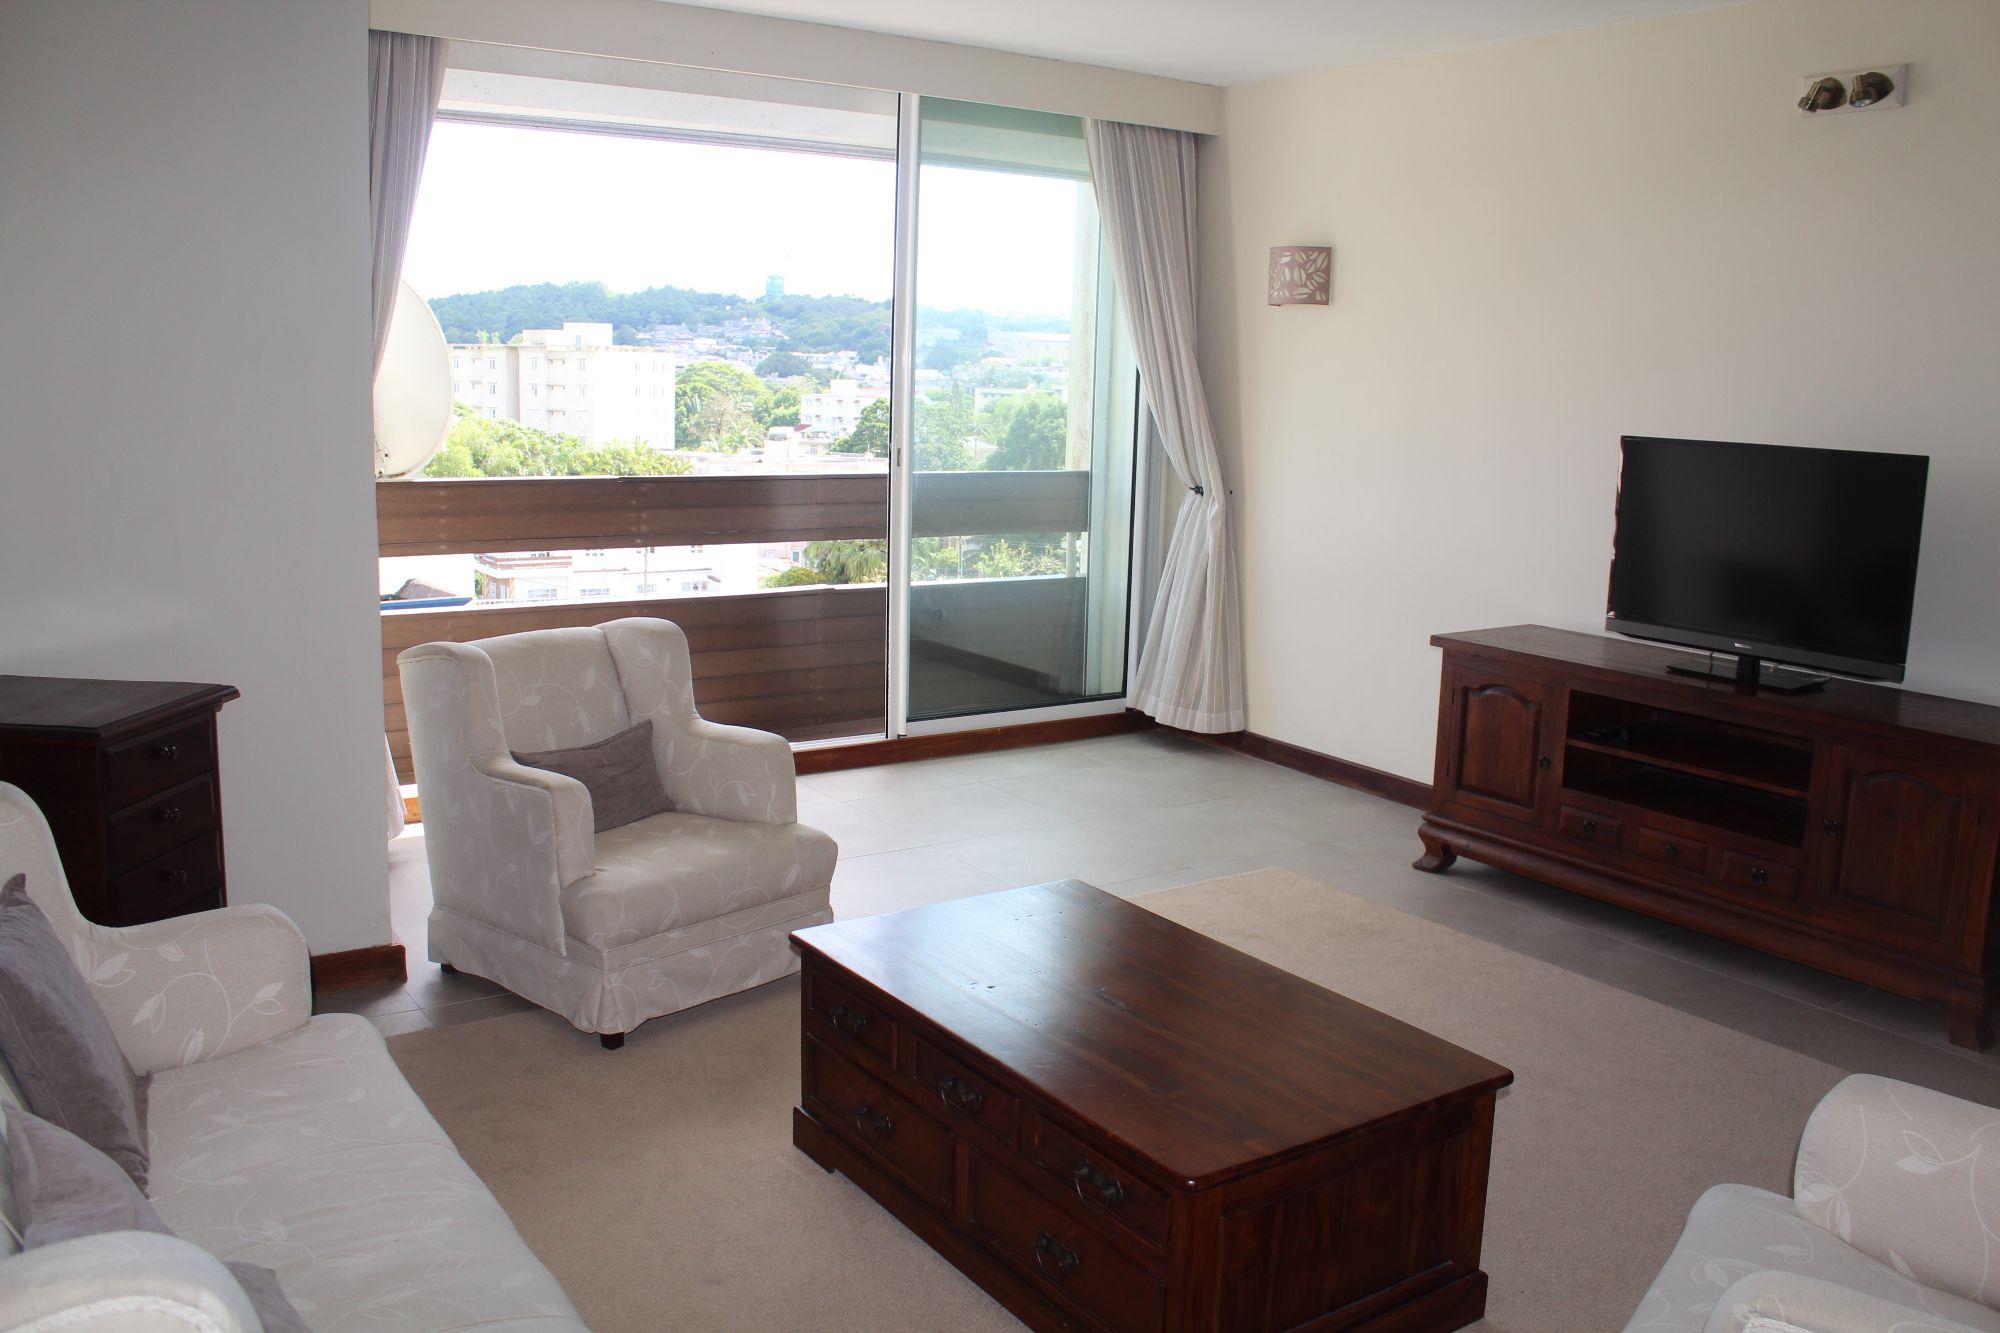 Bel appartement meublé de 127 m2 situé au 4ème étage d'une résidence sécurisée 24H/7 à Curepipe.